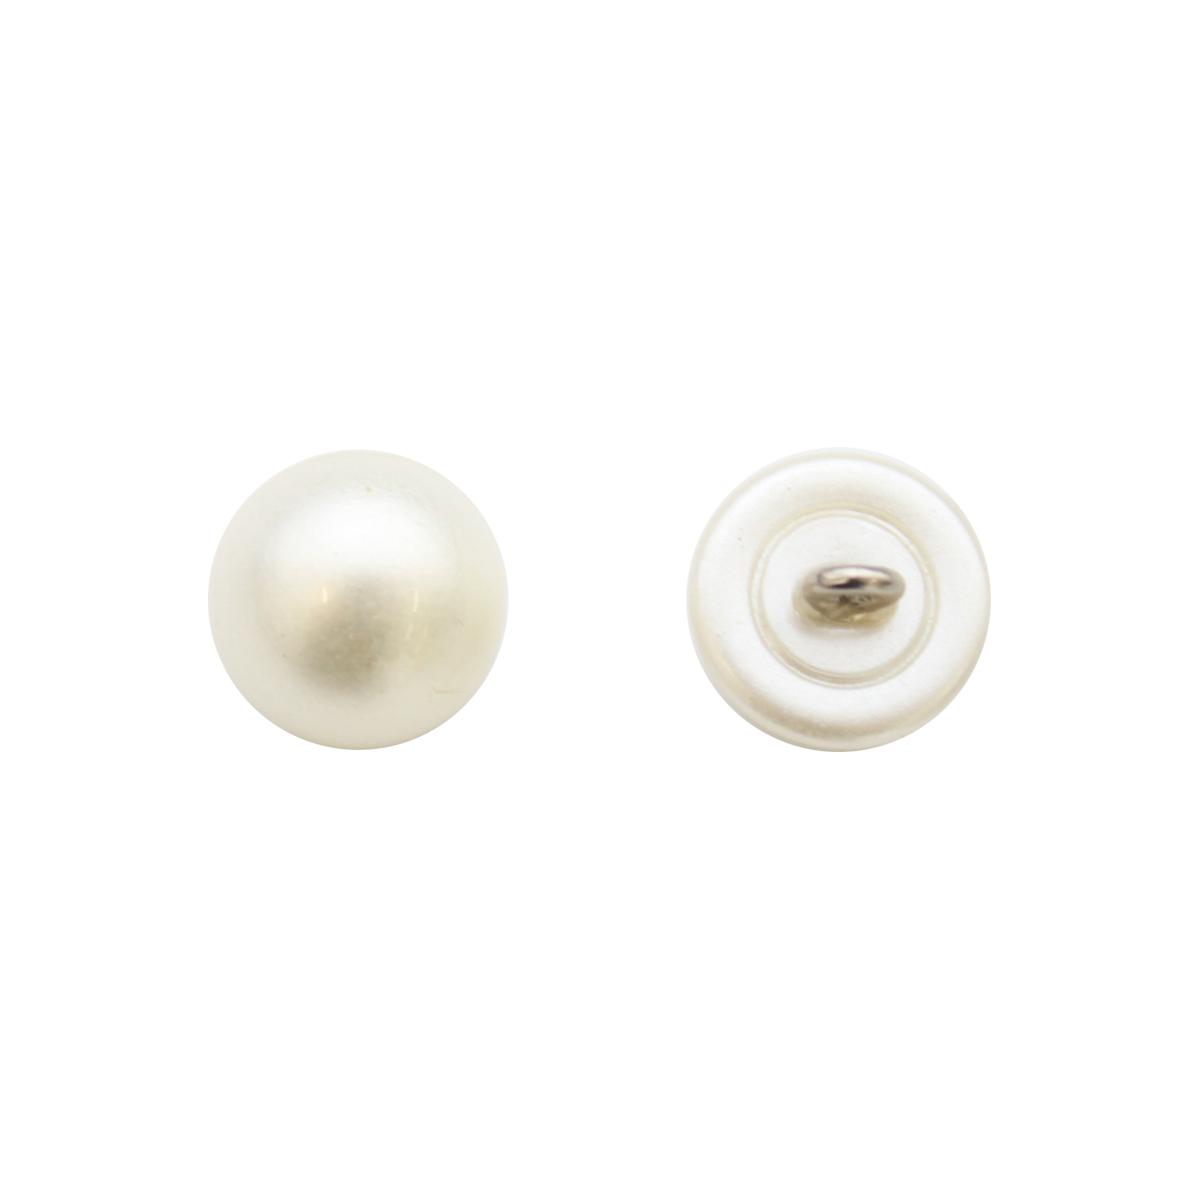 0317-0004А Пуговица-жемчужина 16L